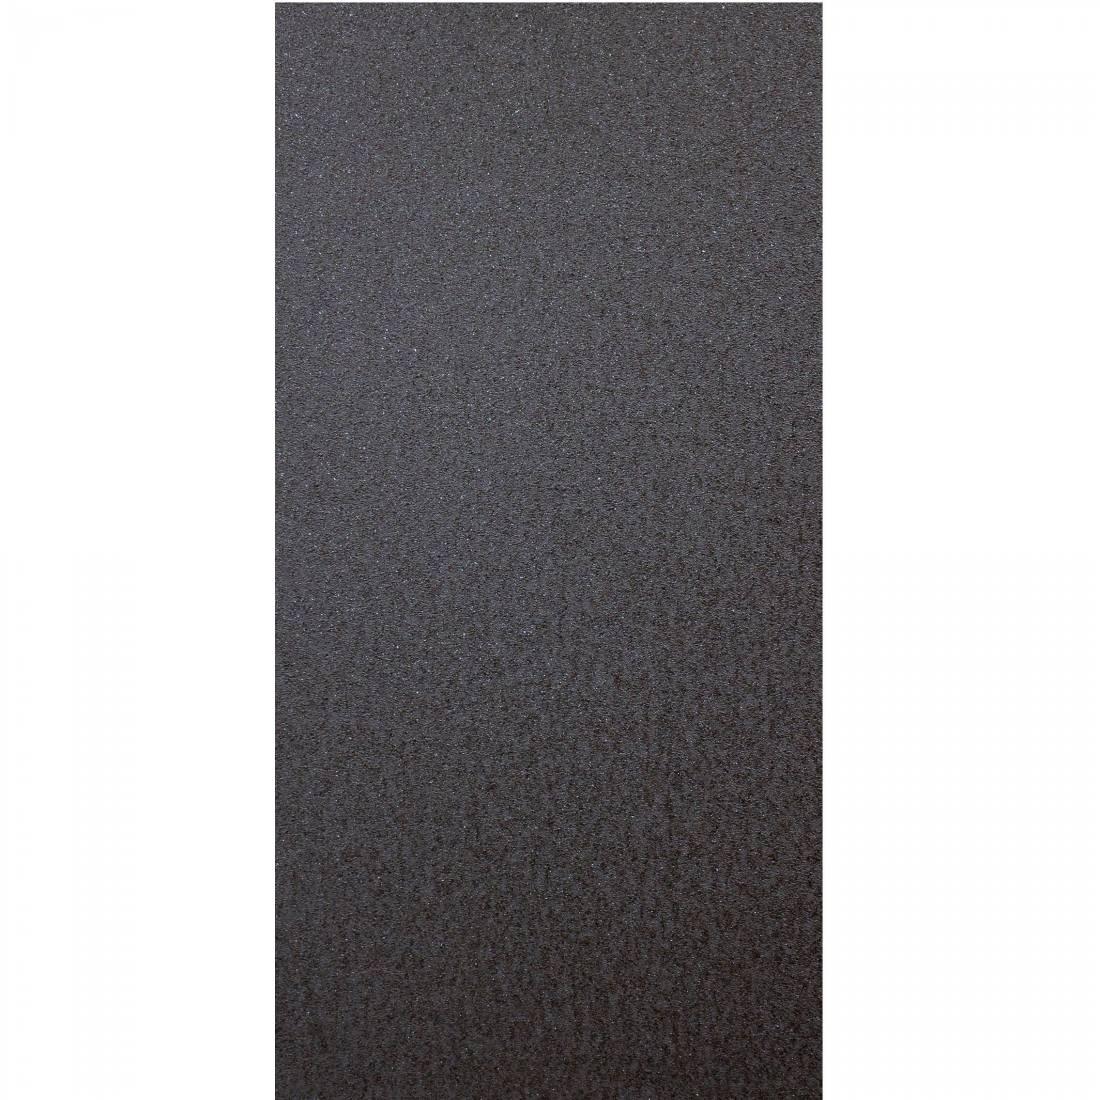 Borsalino 30x60 Black Matt 1